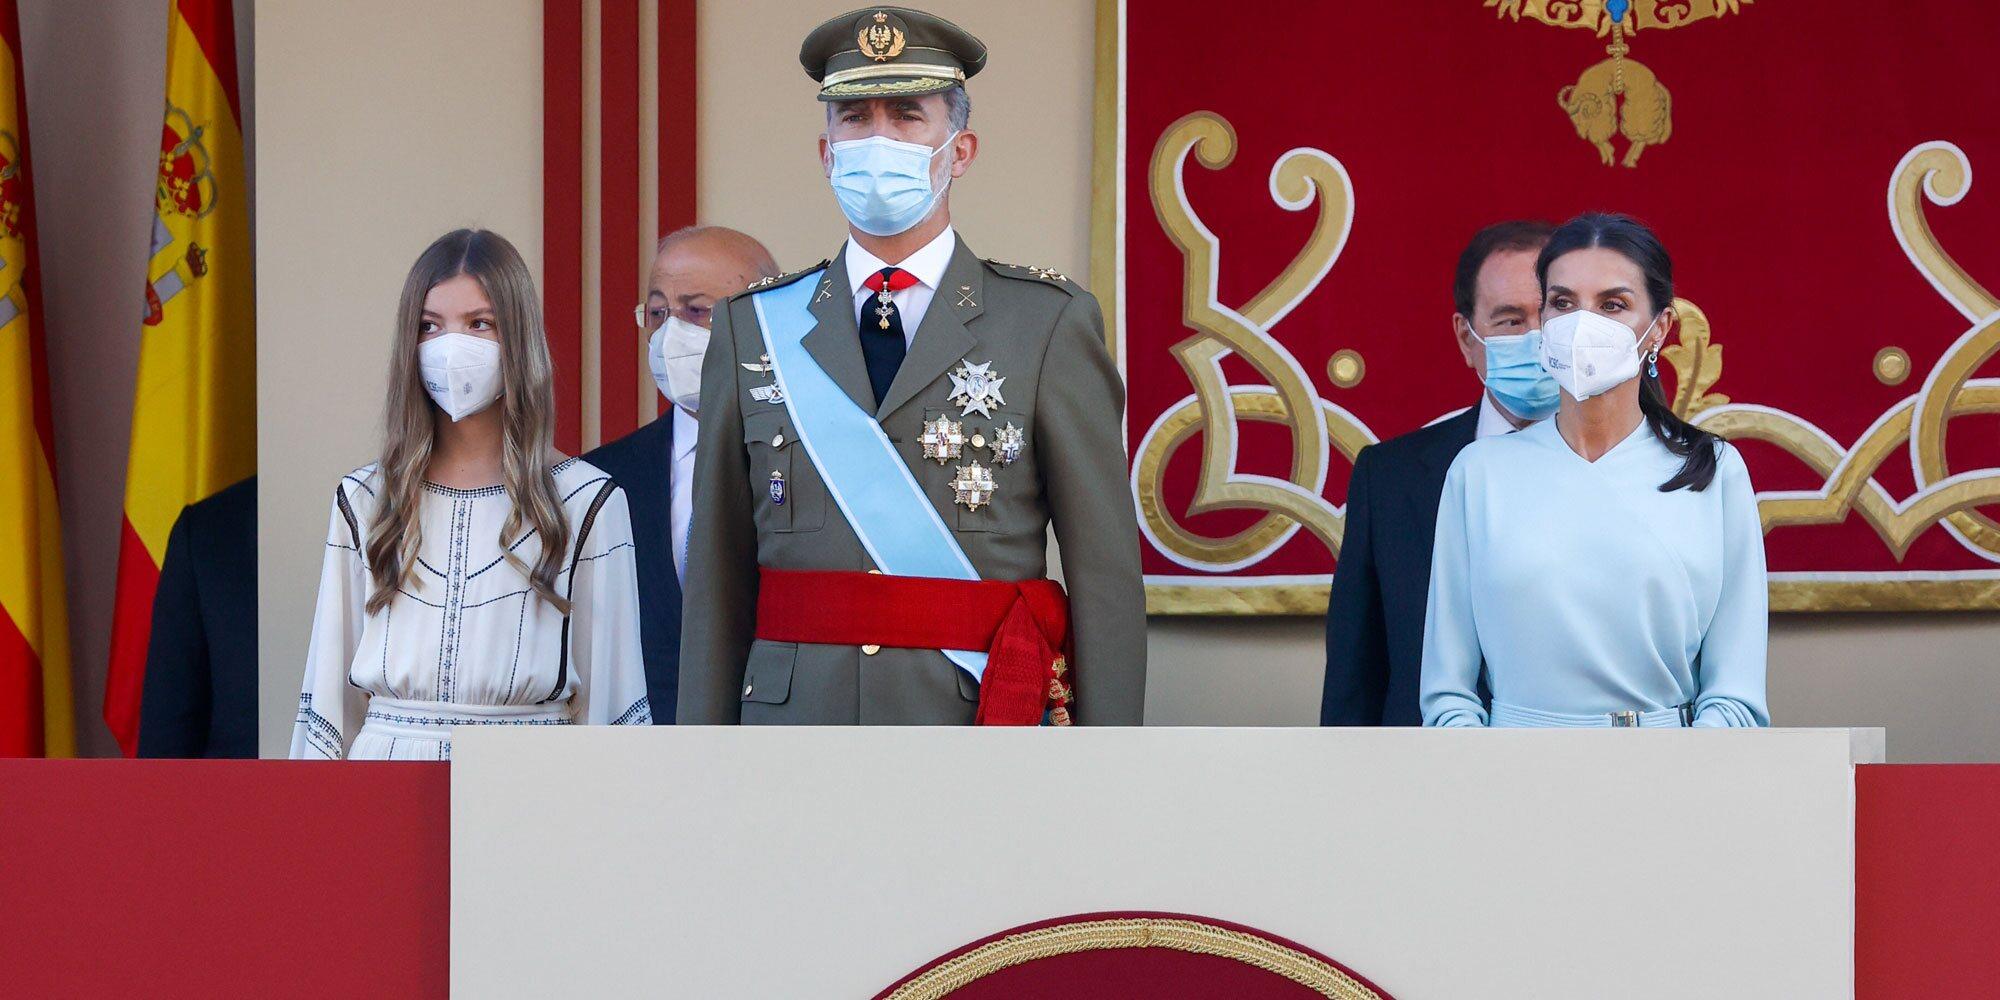 Los Reyes Felipe y Letizia y la Infanta Sofía en la Hispanidad 2021: gran ausencia, complicidad y un detalle